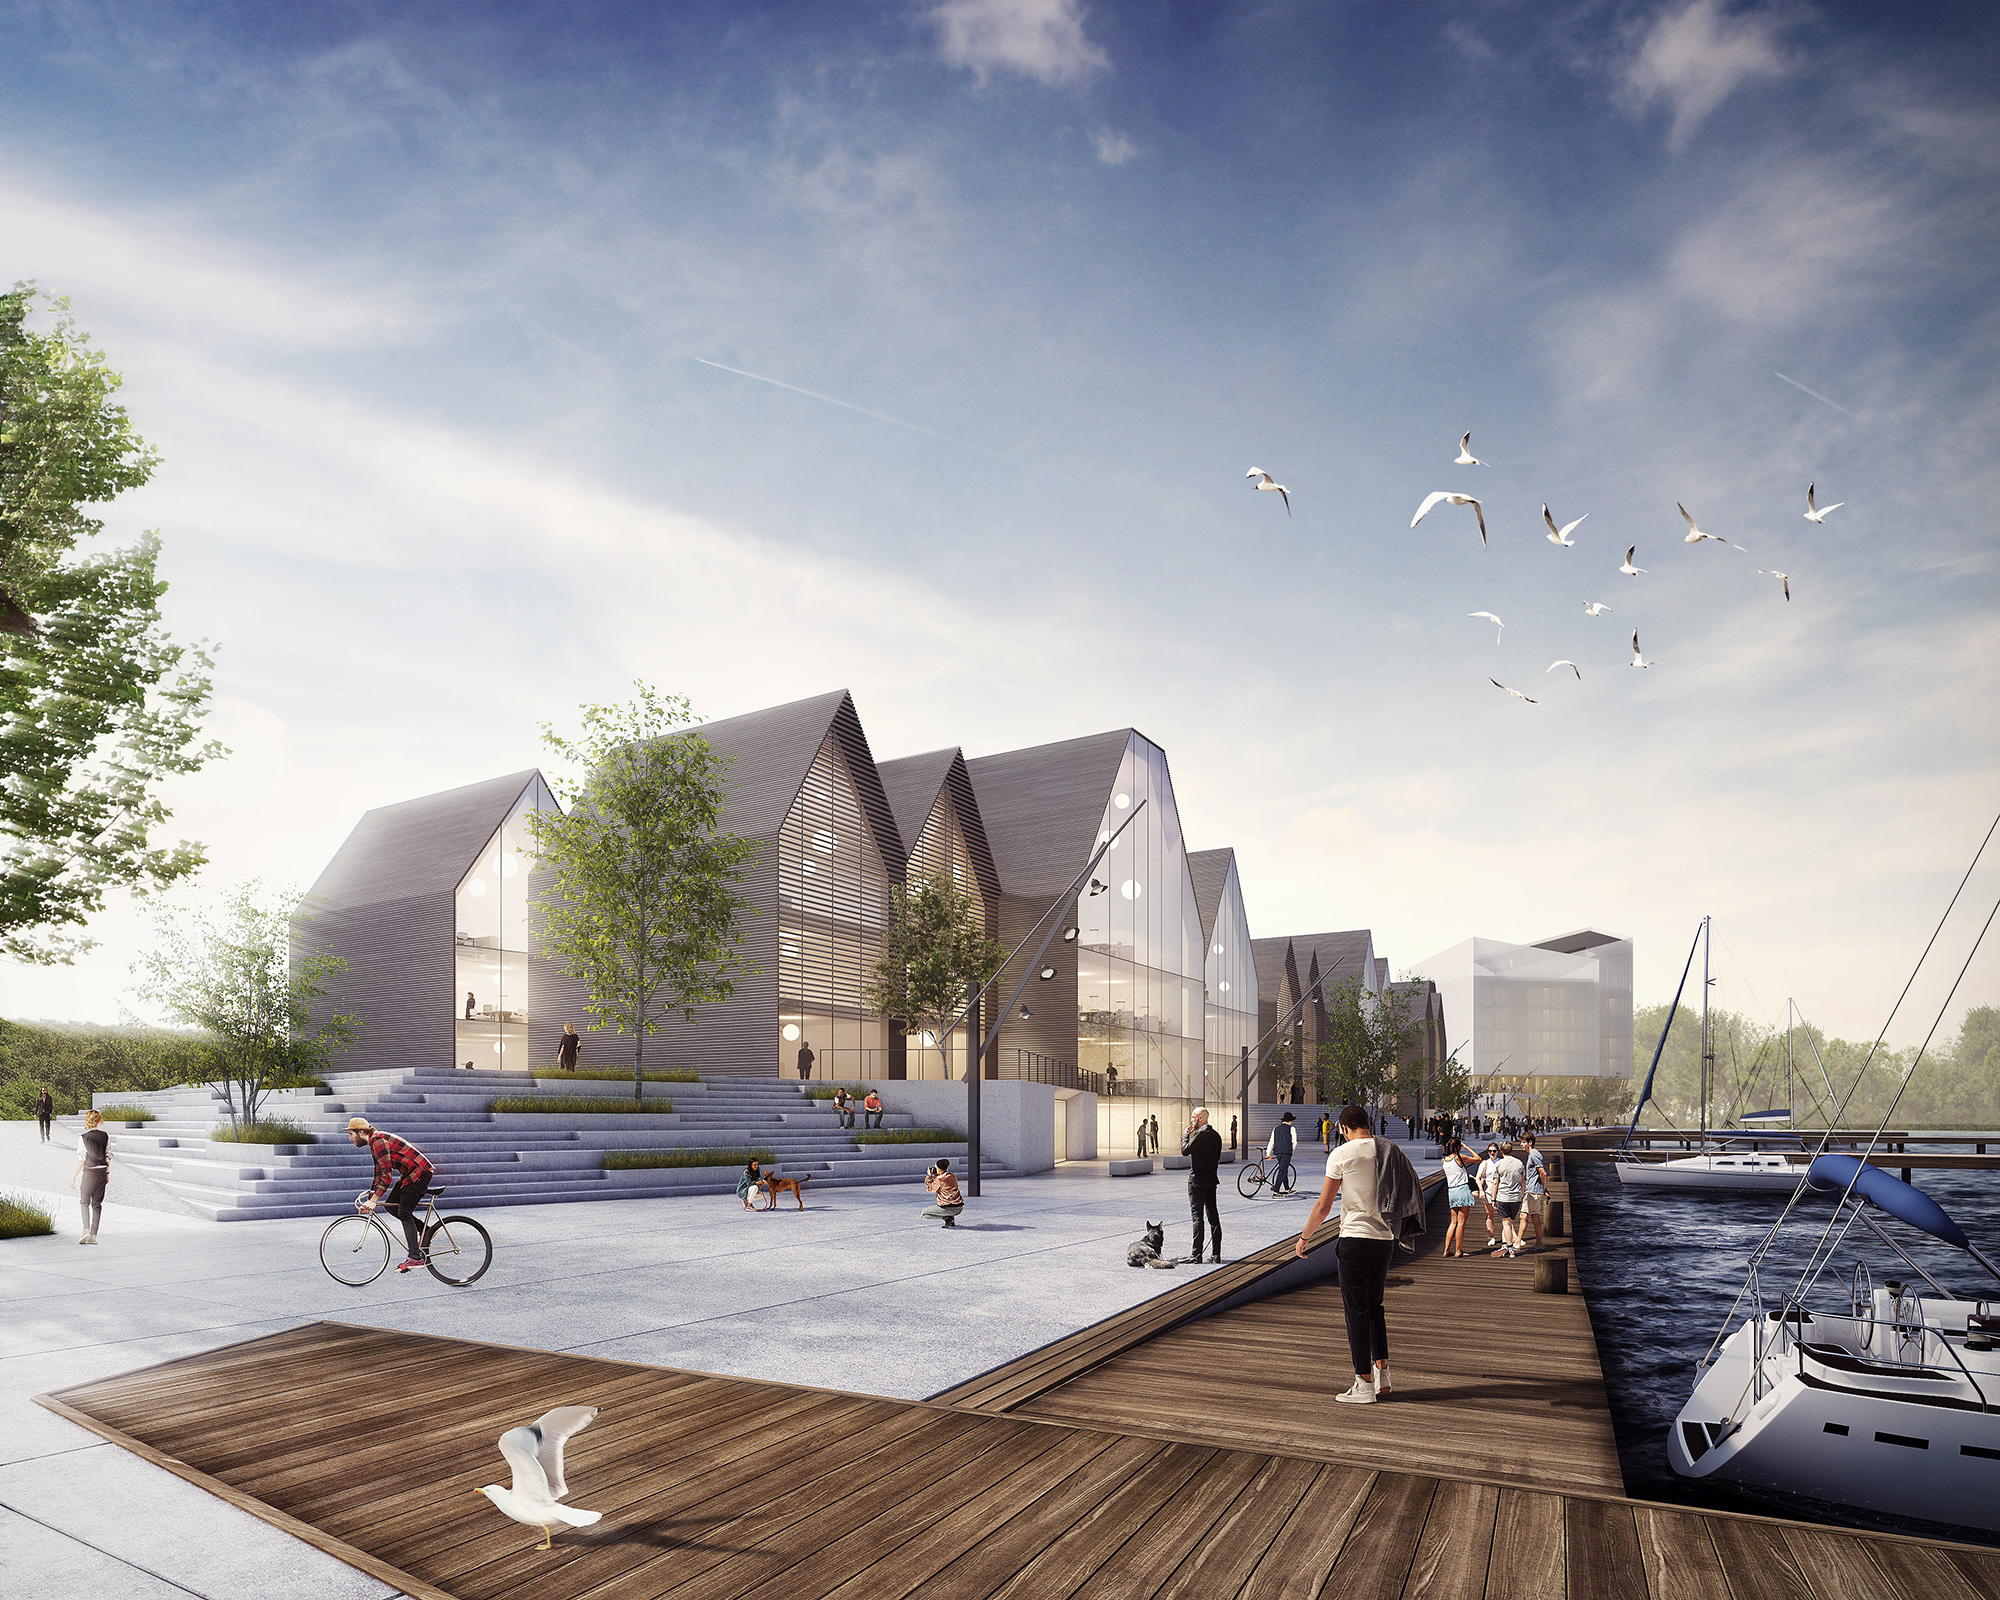 Wettbewerb obereider hafen querkopf architekten - Querkopf architekten ...